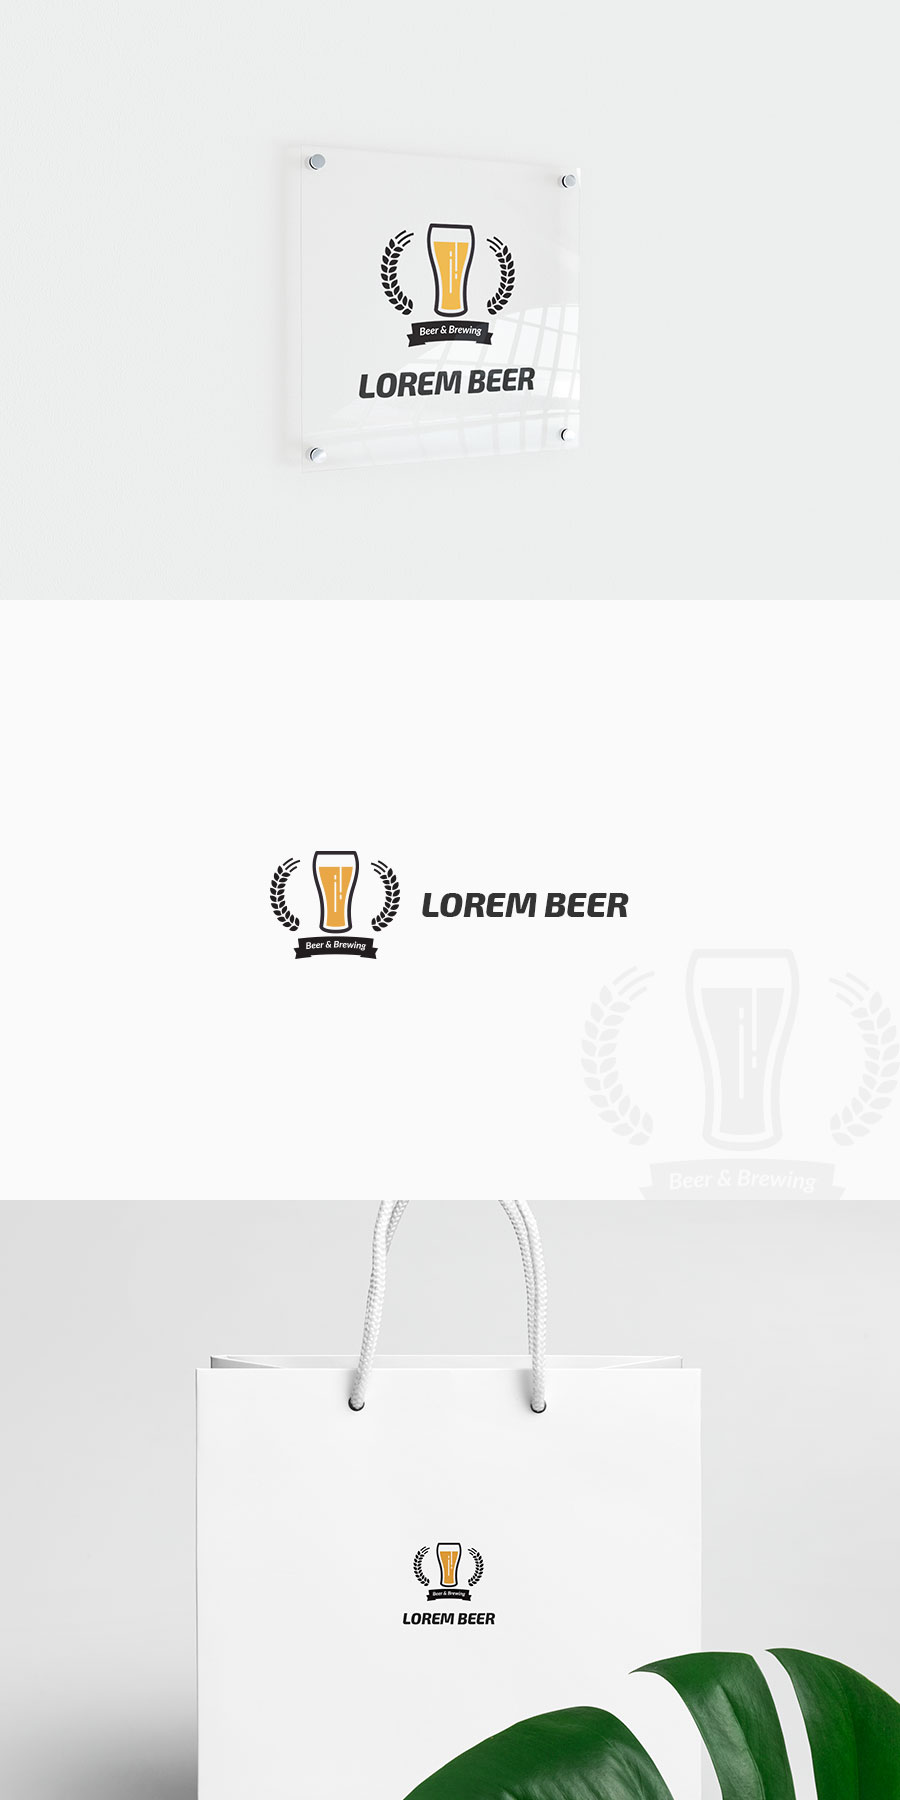 맥주 비어 호프 로고 전시관